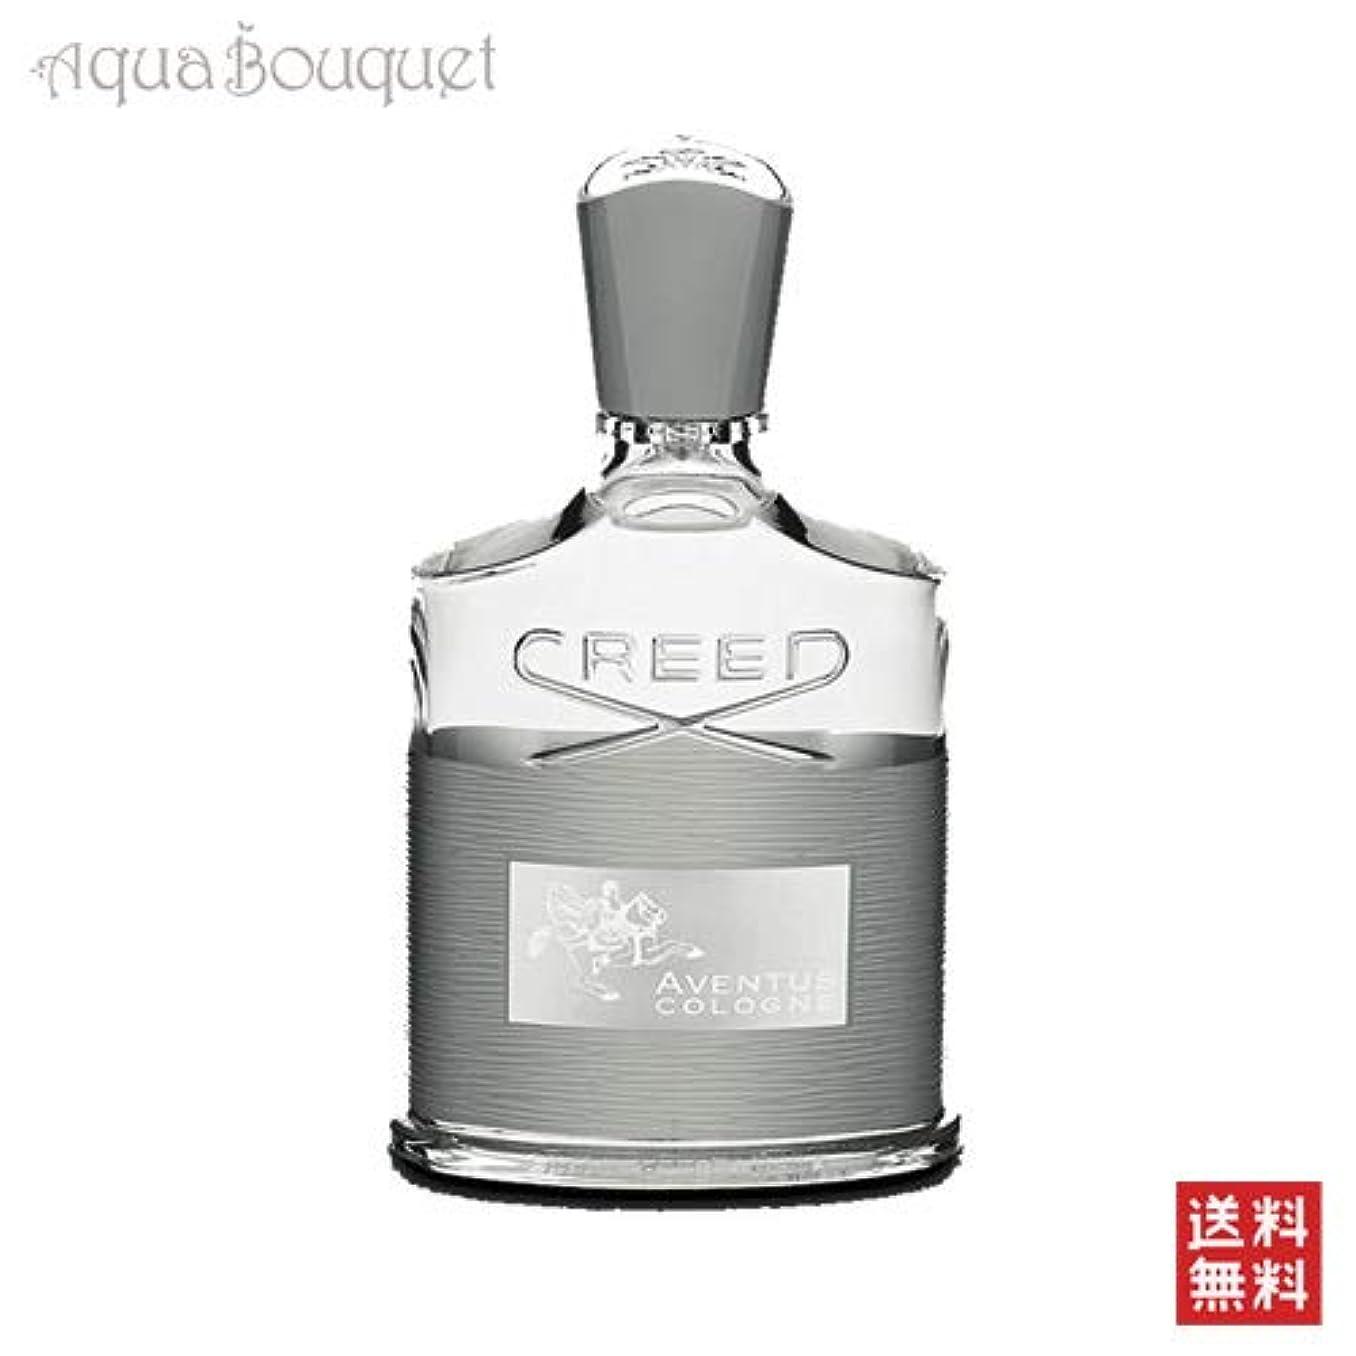 ドライ行進発生(新作) クリード アバントゥス コロン 100ml CREED AVENTUS COLOGNE [1275] [並行輸入品]